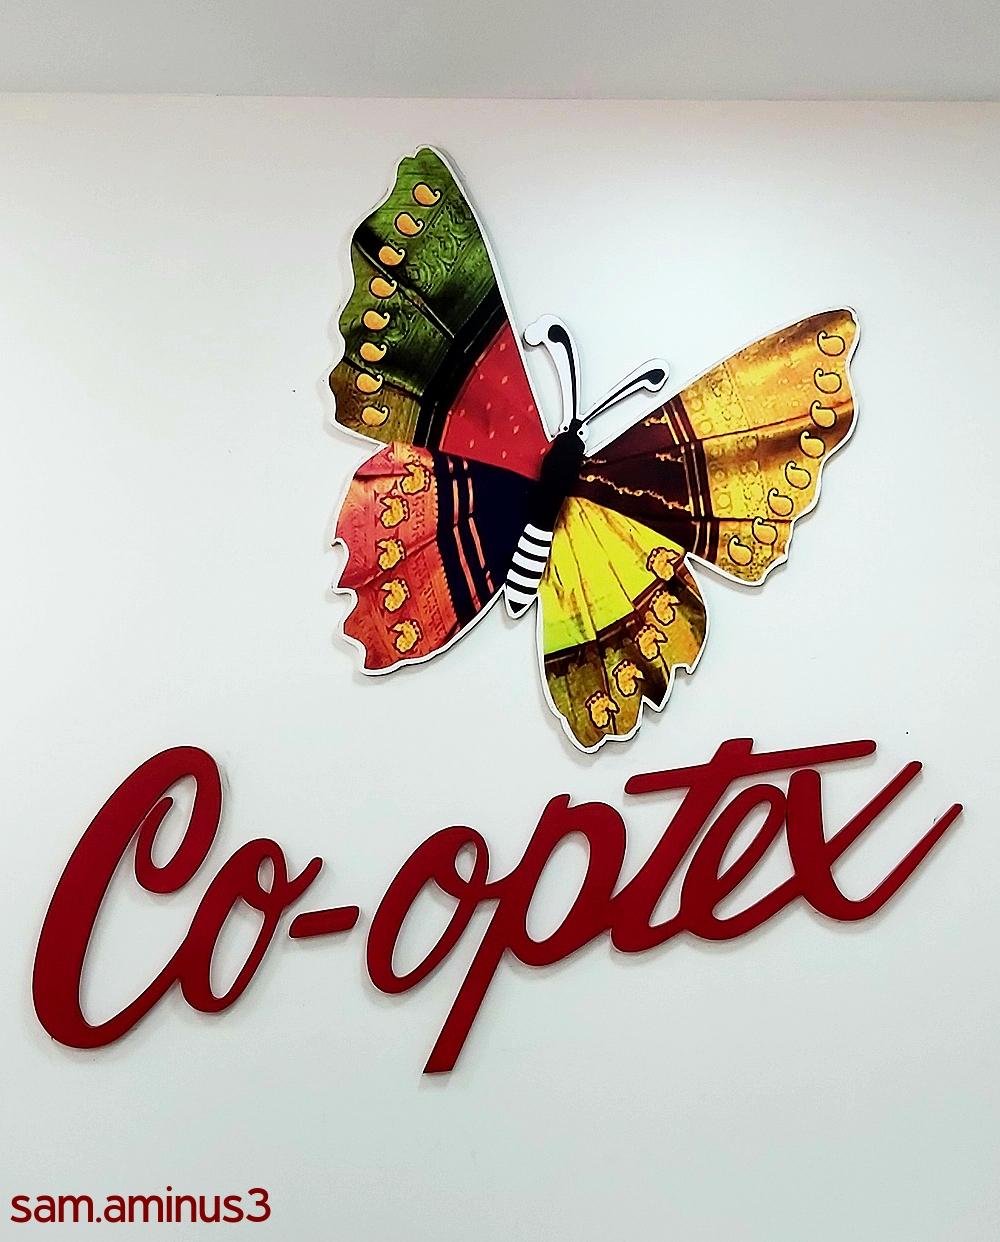 Co-optex Textiles